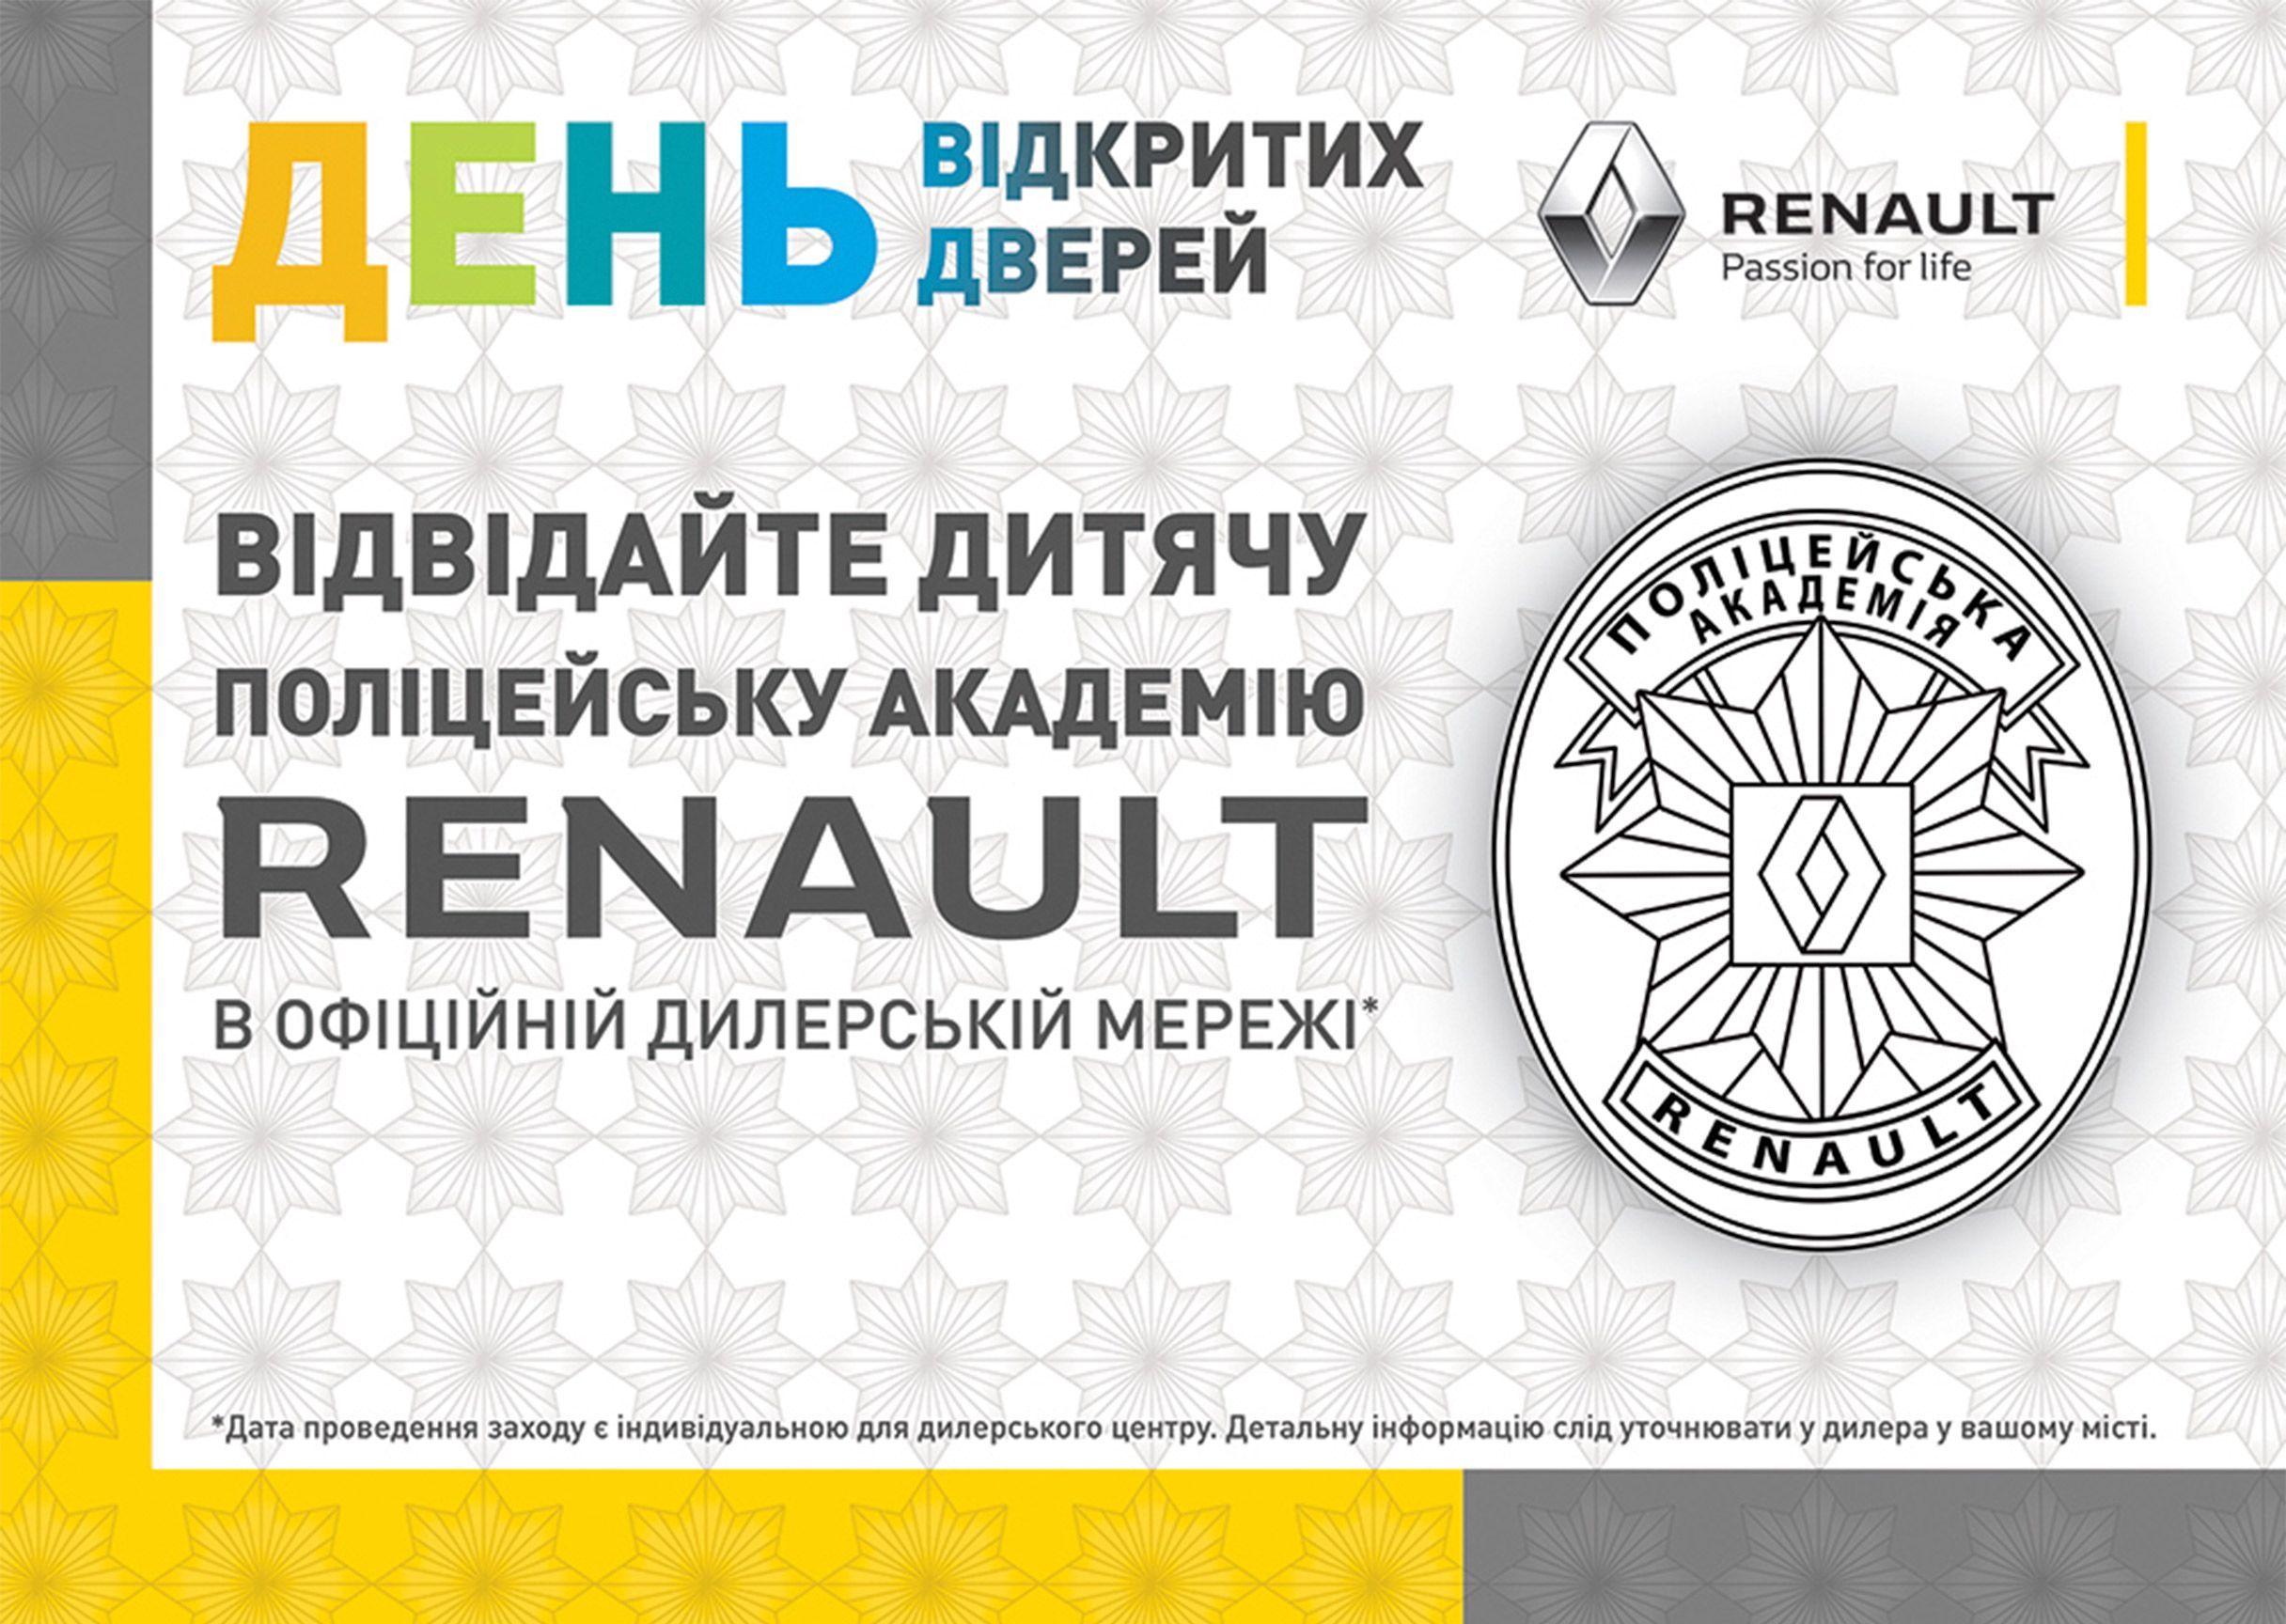 Дни безопасности от Renault: детская полицейская академия